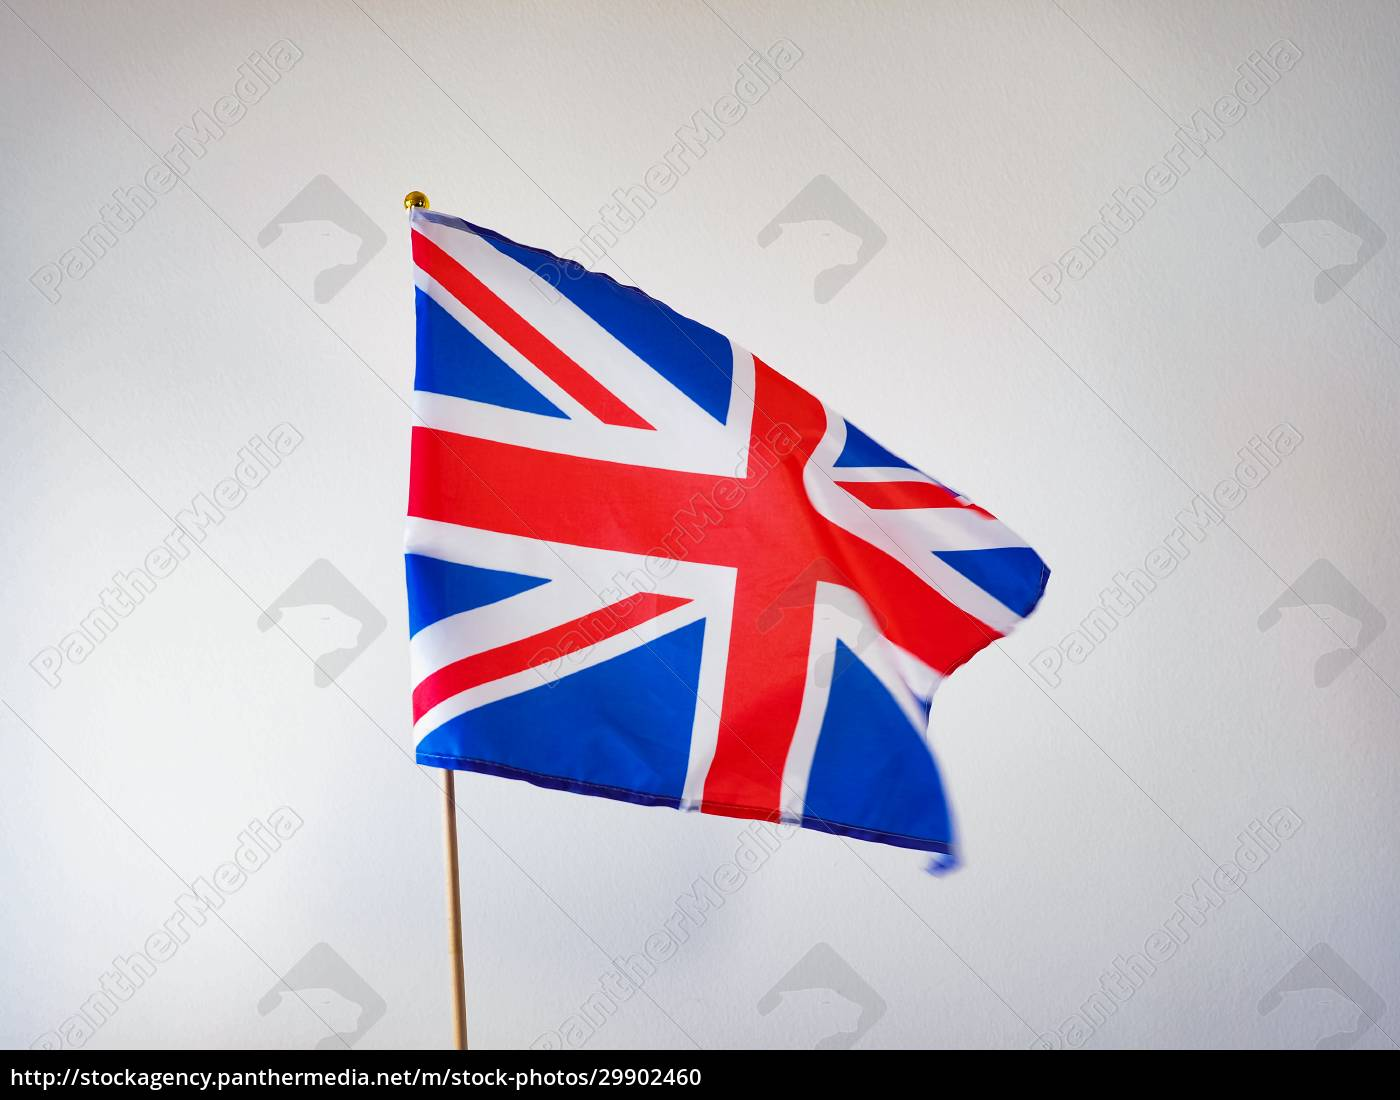 flag, of, the, united, kingdom, (uk) - 29902460